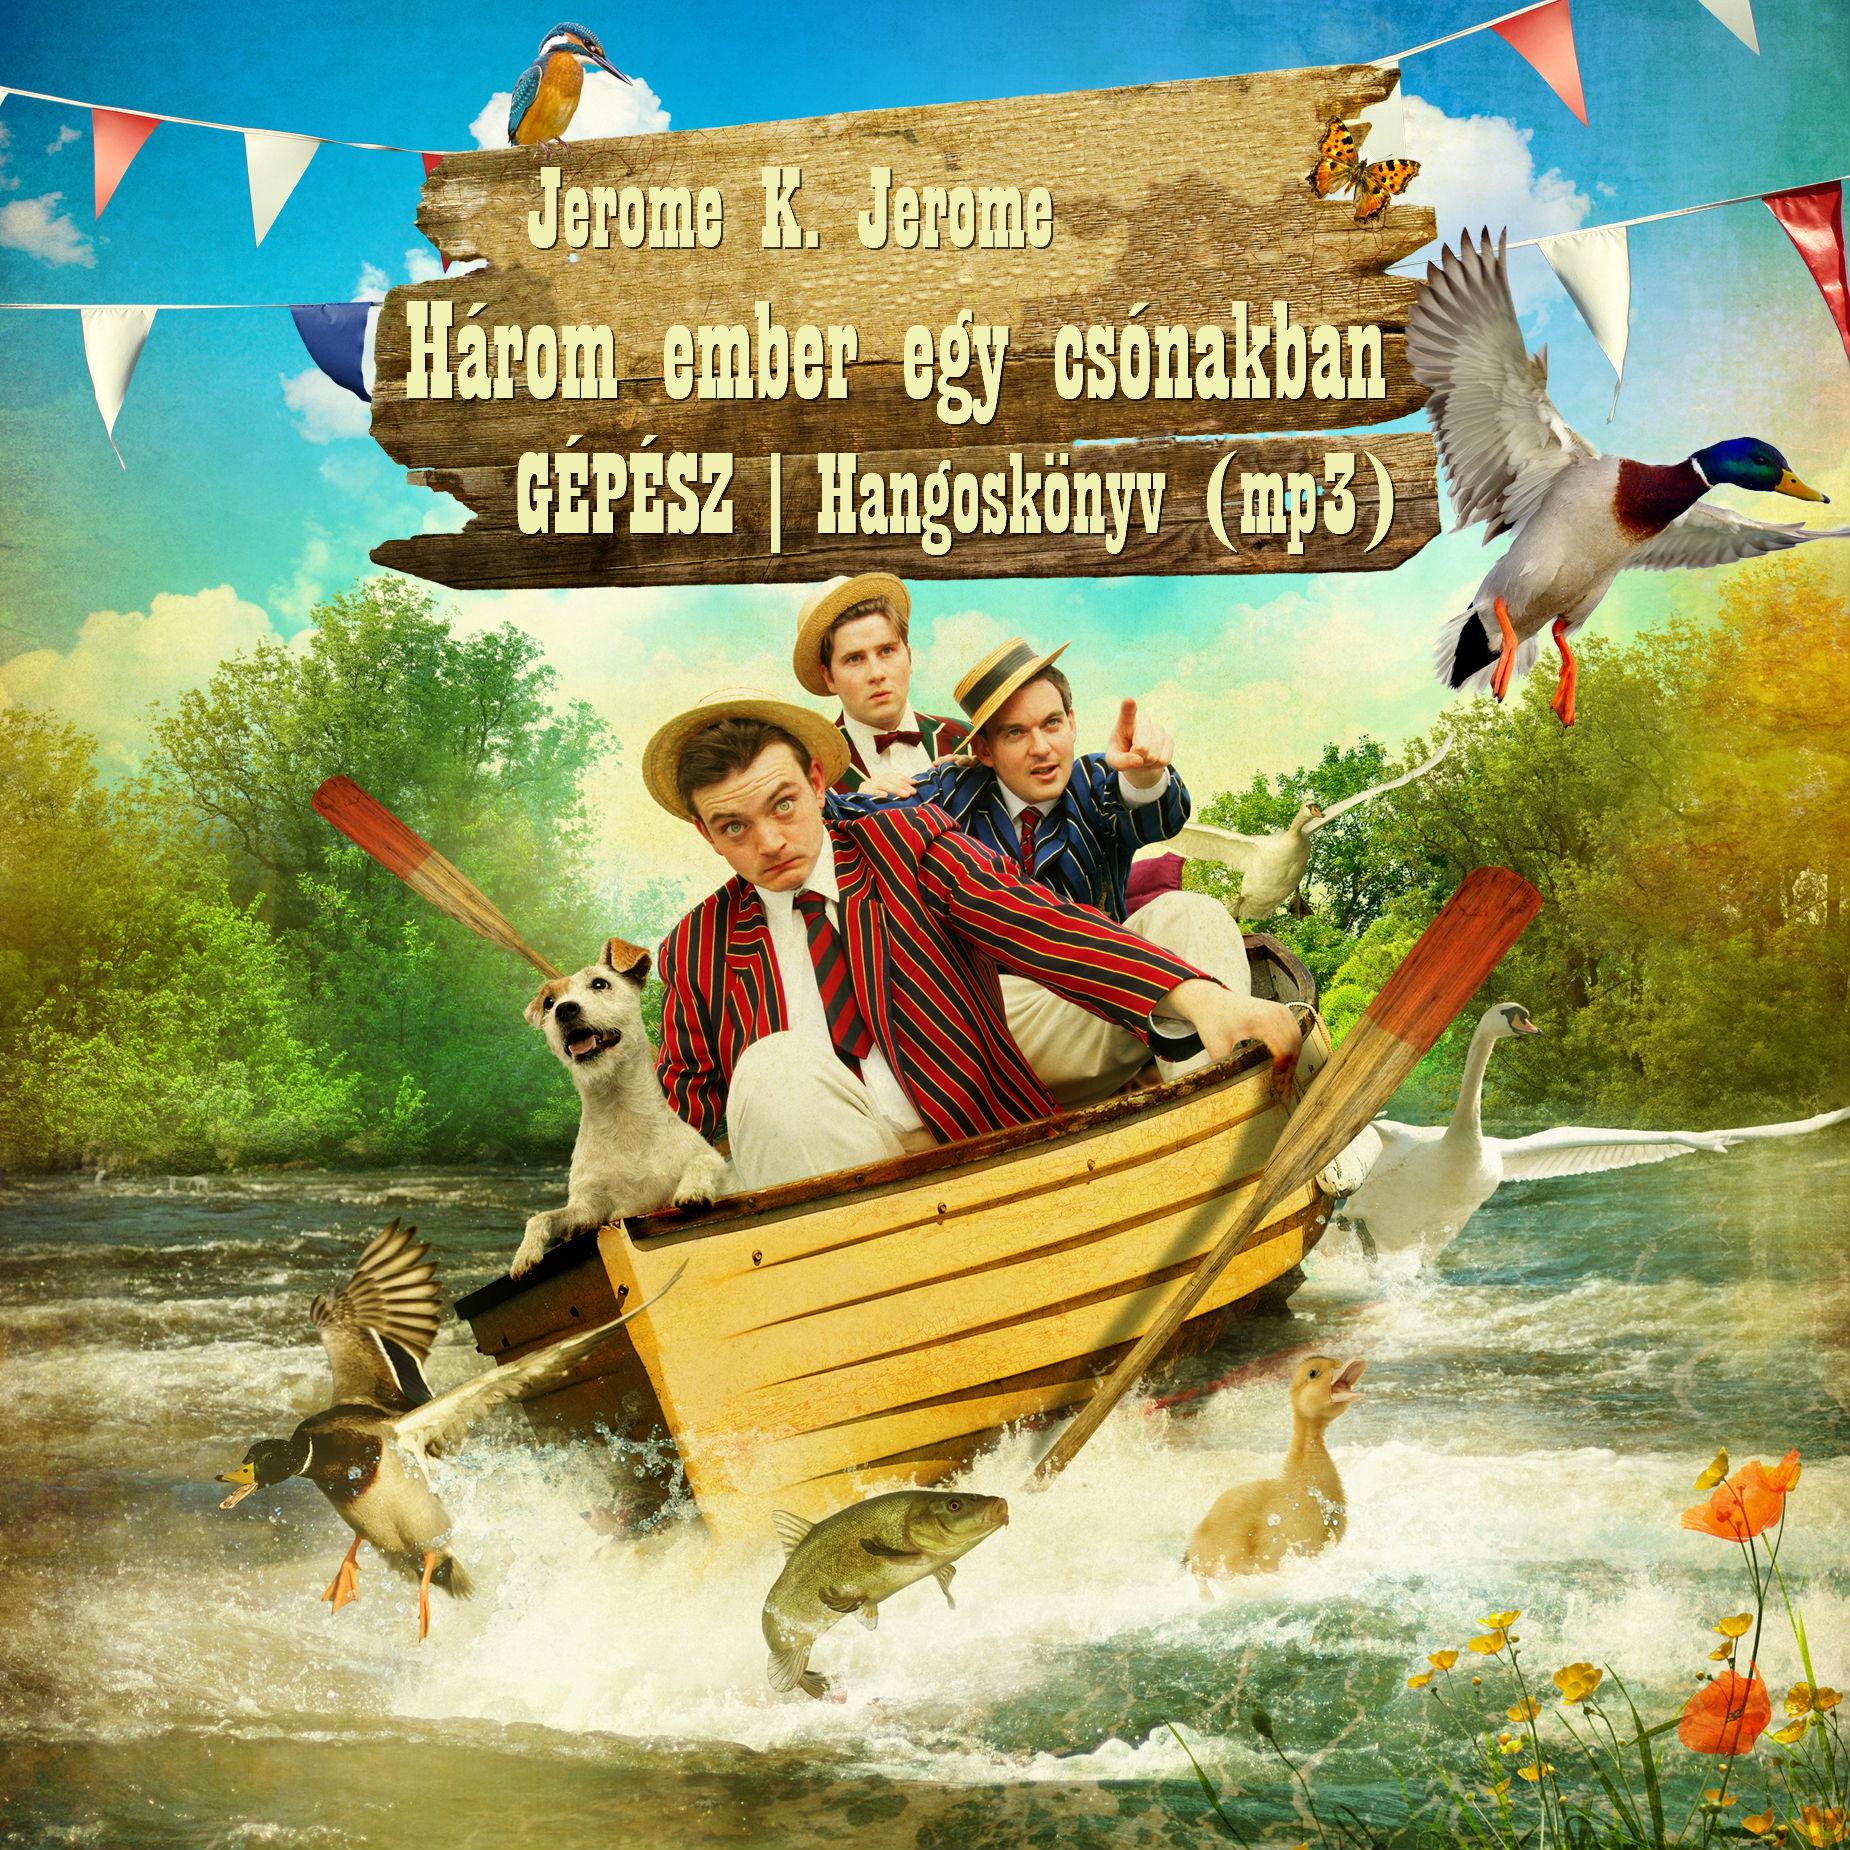 Jerome K. Jerome: Három ember egy csónakban (Előadja: Gépész) 2018 (Hangoskönyv)